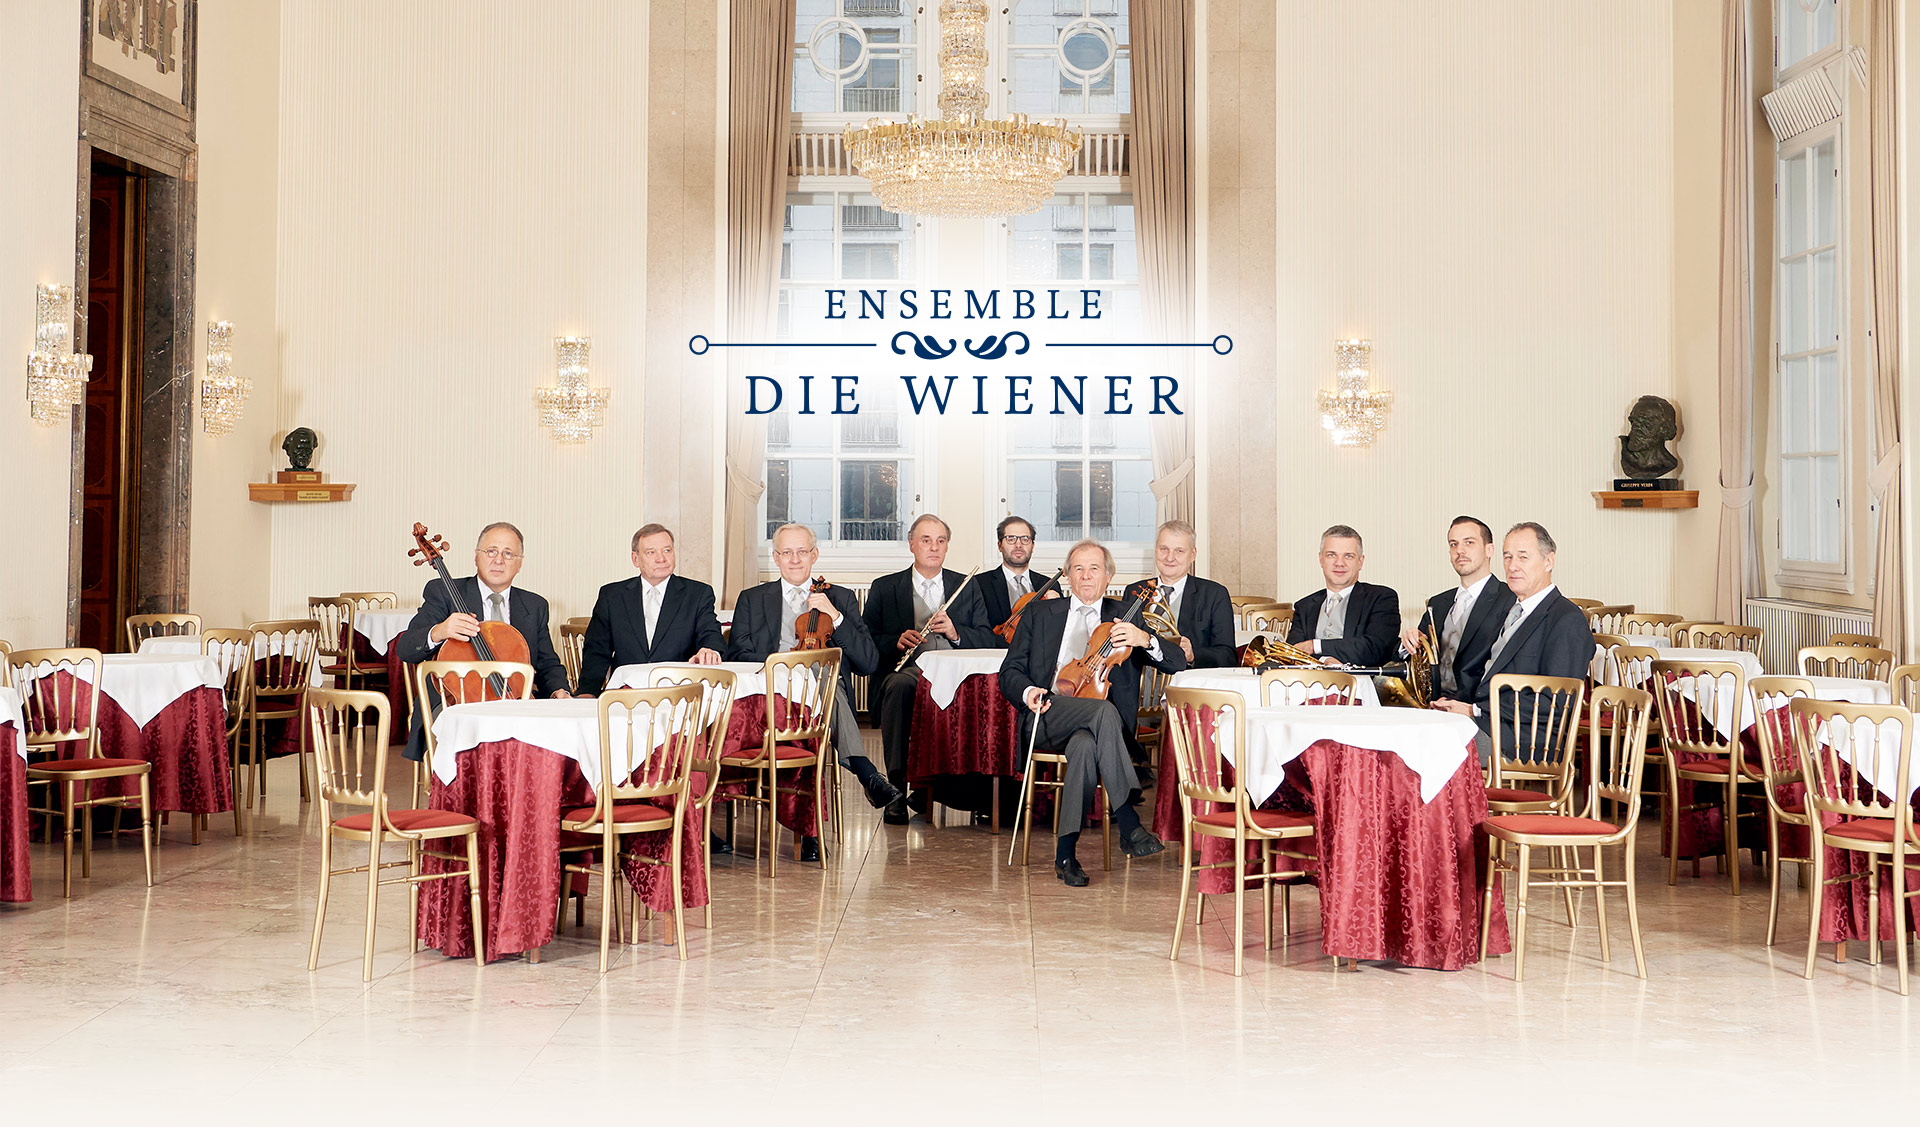 Die Wiener das Ensemble: Titelbild mit allen Musikern